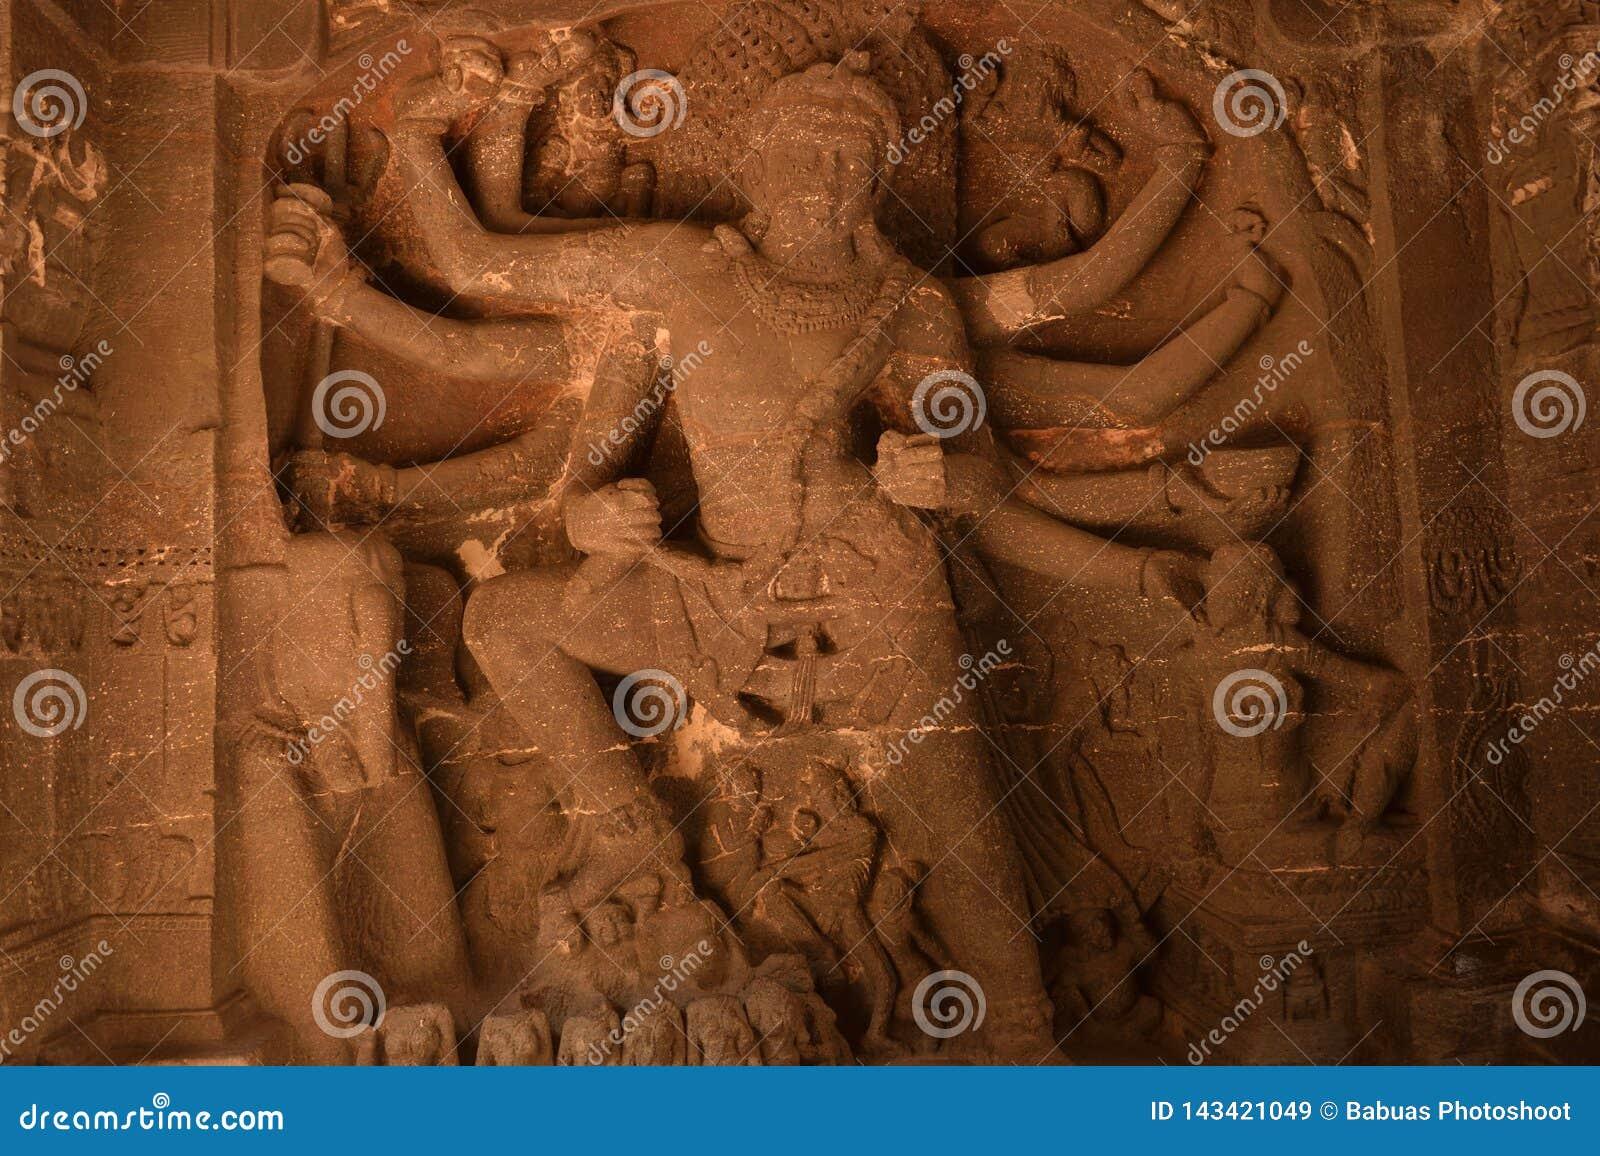 Statue of Goddess Durga at Ellora Caves, India